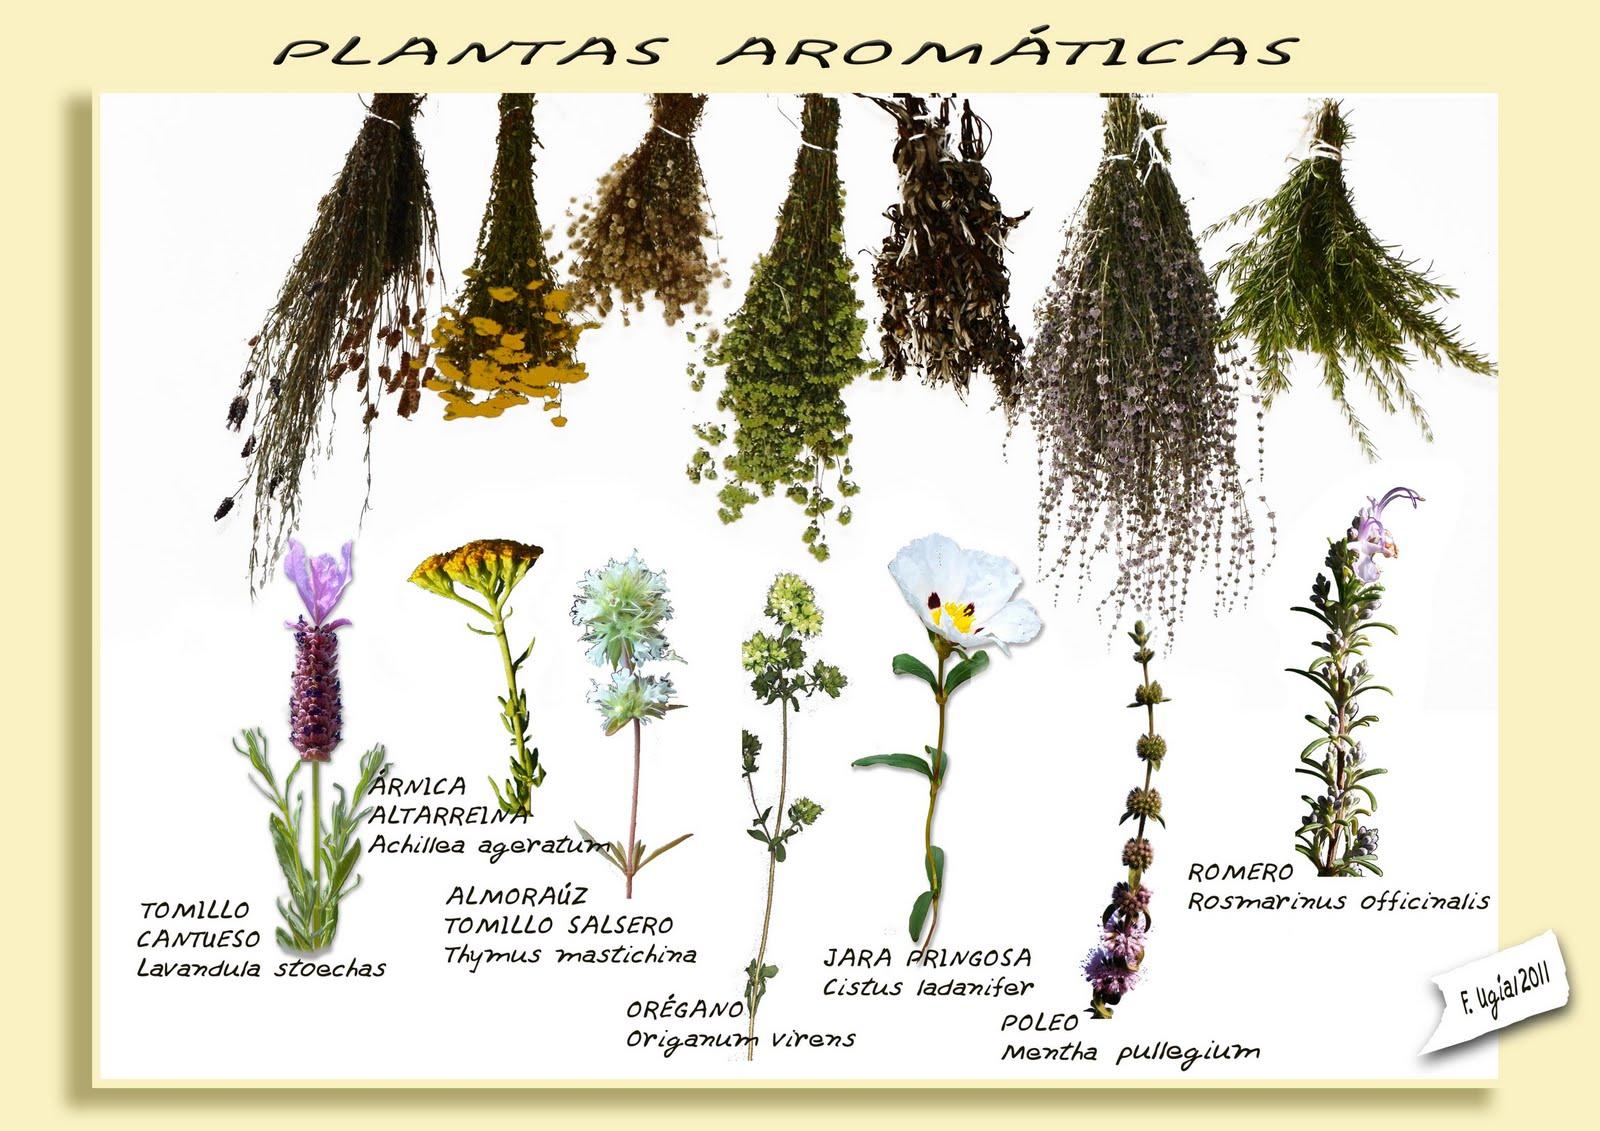 Informacin Sobre Plantas Aromticas Botanica  2016 Car Release Date